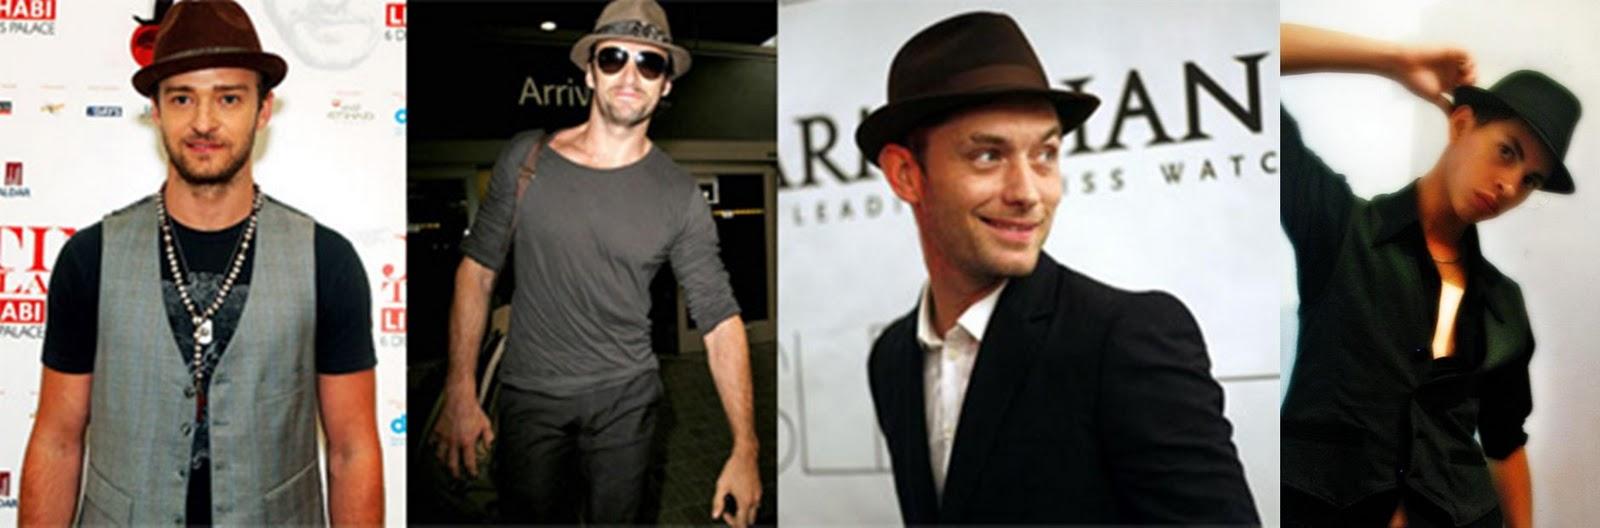 Os modelos dos chapéus para os homens podem ser usados ao dia f4798d820a1